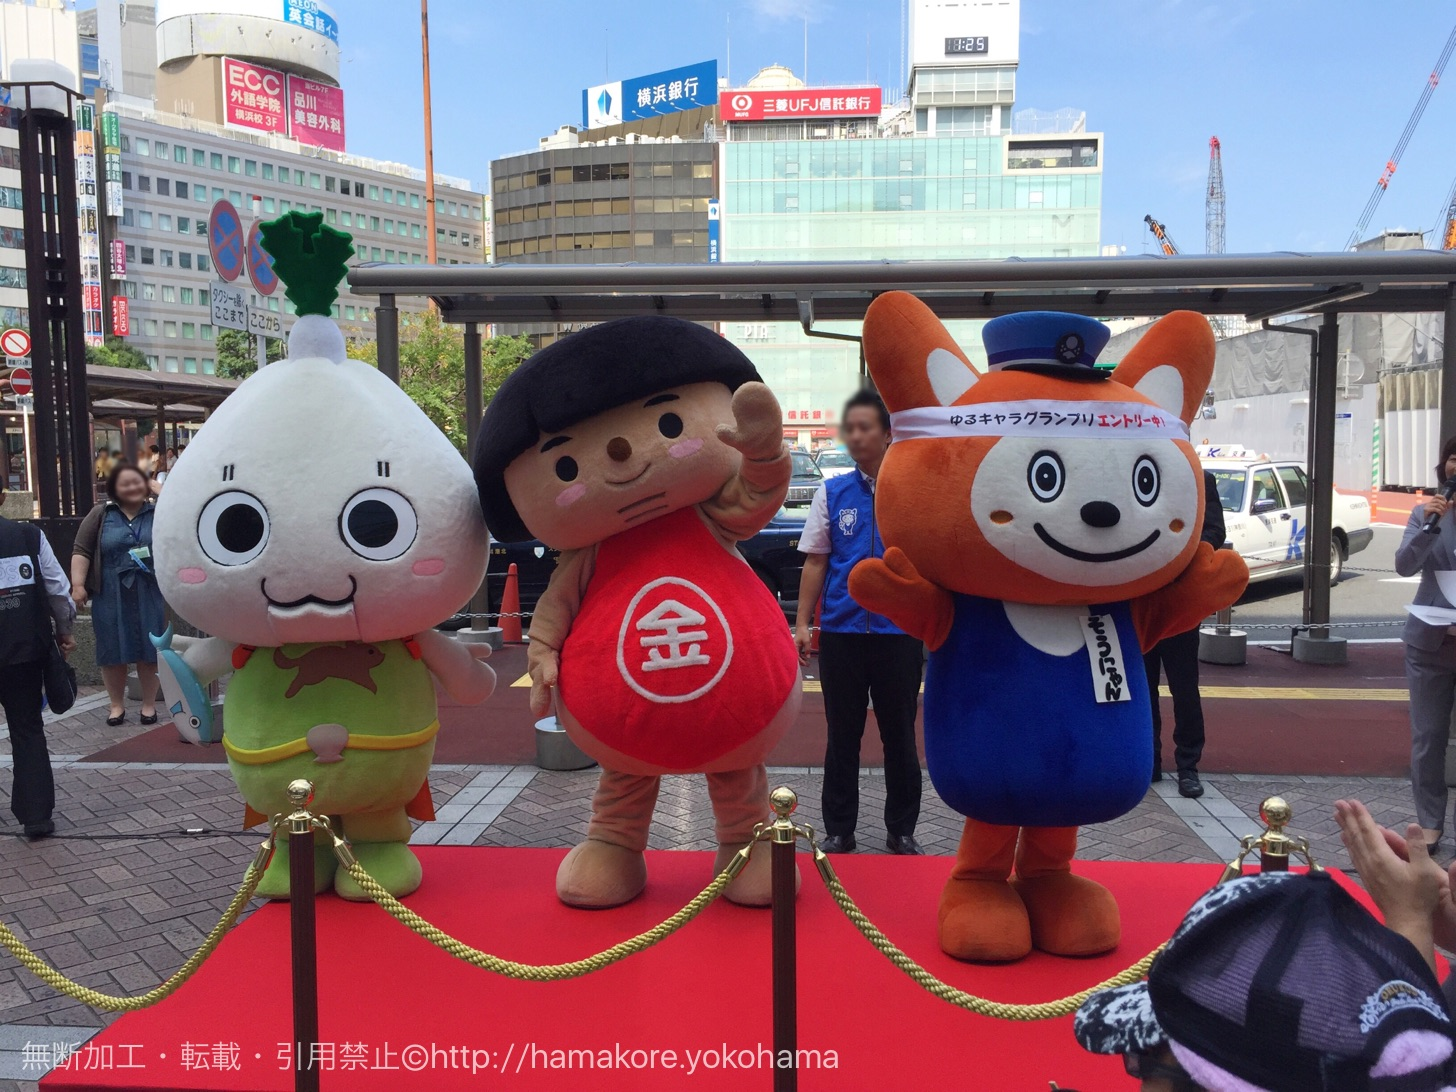 神奈川のご当地キャラクター。かなふぅ、かながわキンタロウ、そうにゃん